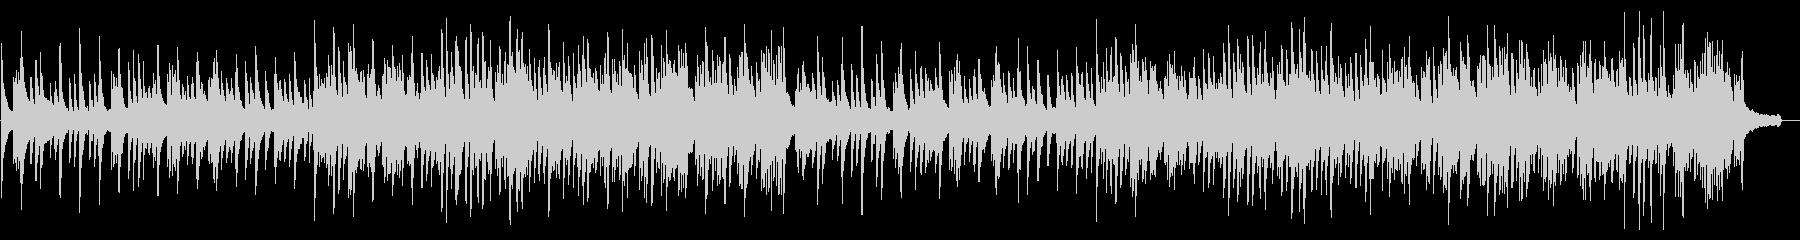 ラウンジ向きカノンをモチーフのピアノソロの未再生の波形